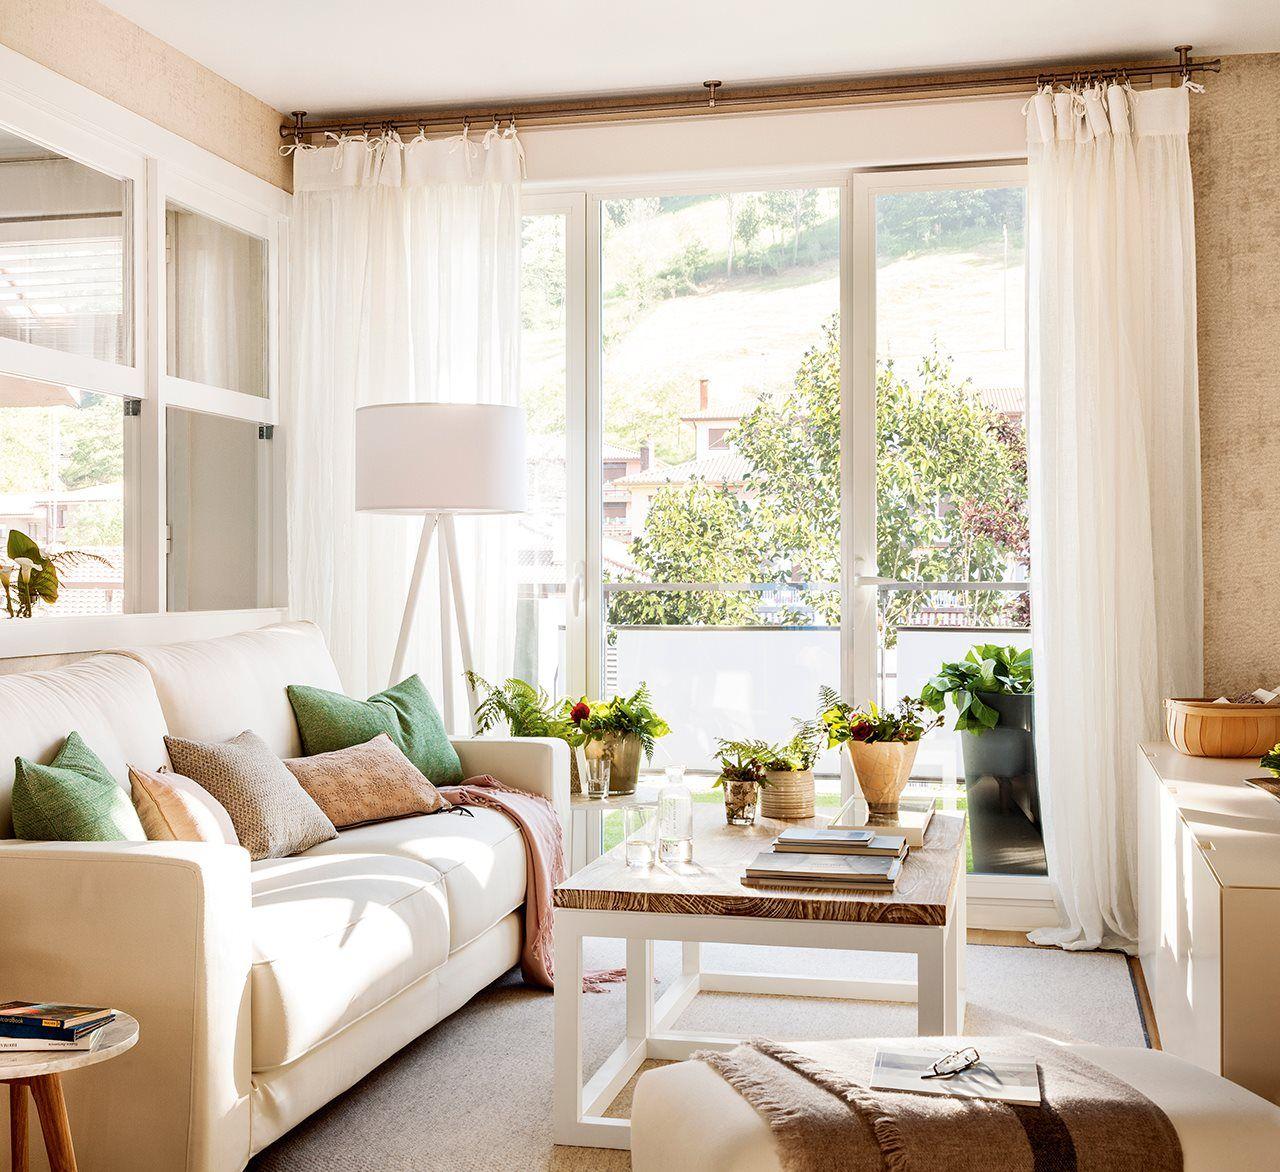 Pequeñas ventanas a media altura unen salón y cocina   Casas grandes ...